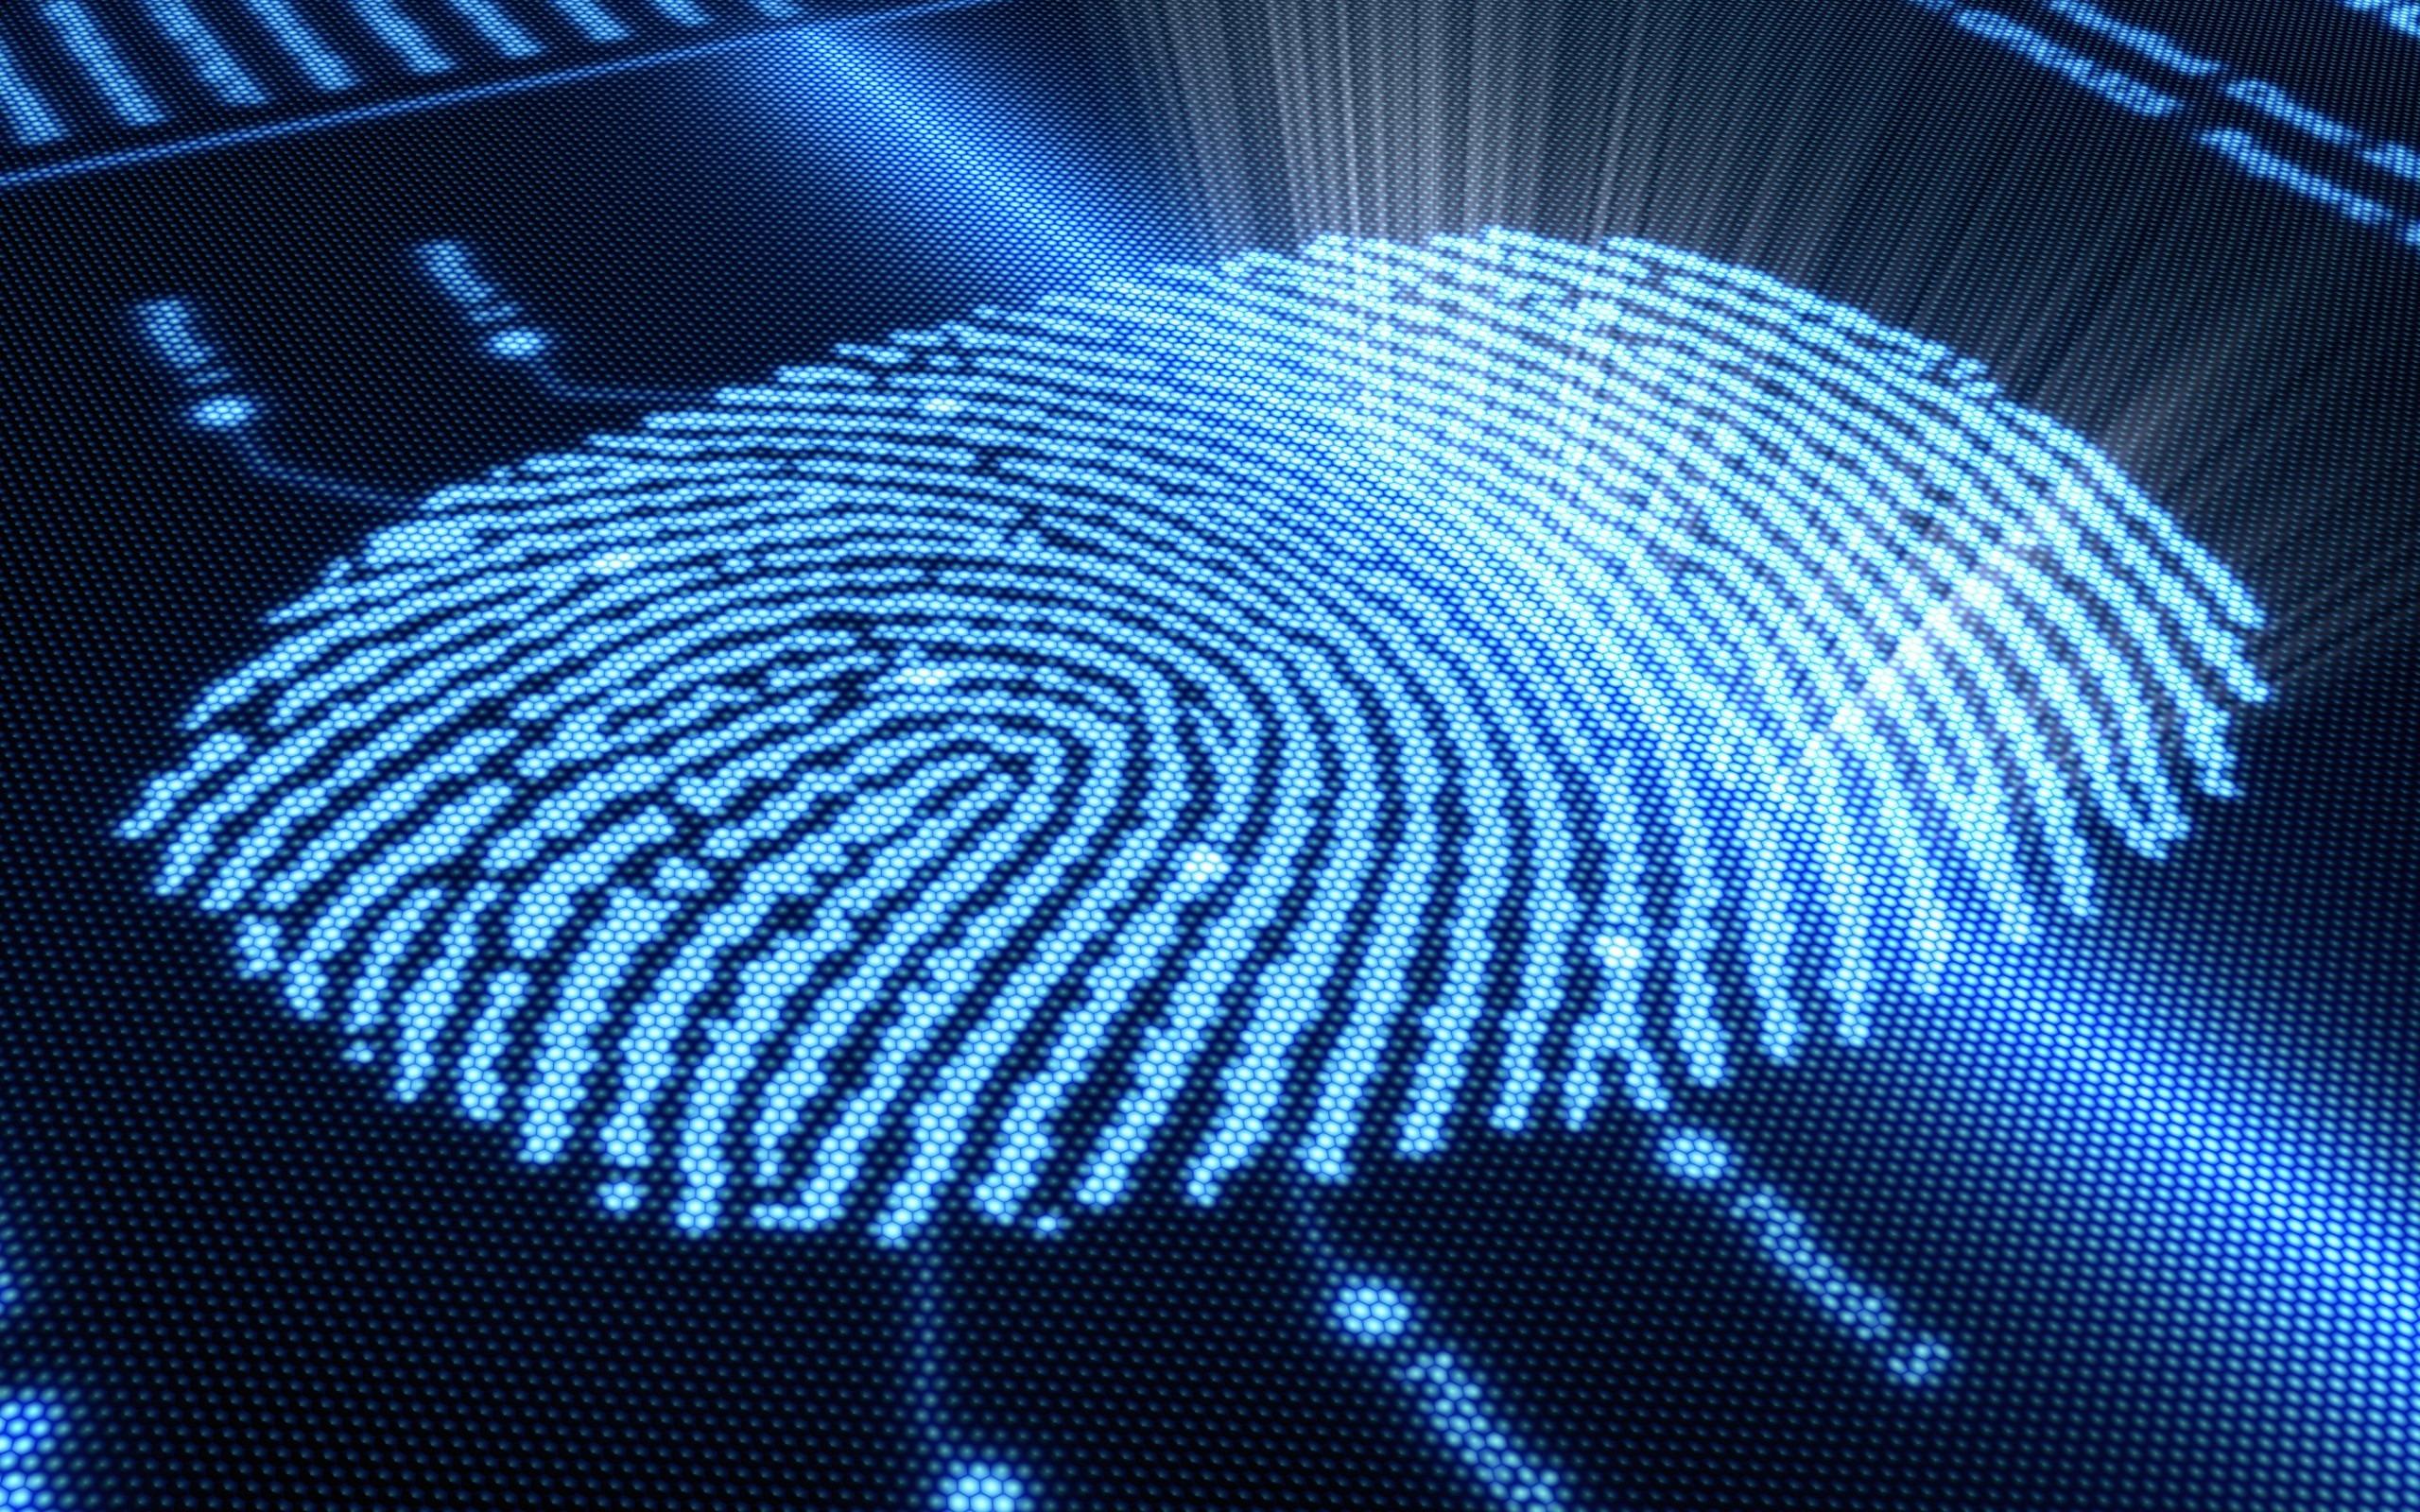 Las cinco principales técnicas de suplantación de identidad y las mejores prácticas para ayudar a reducir el riesgo